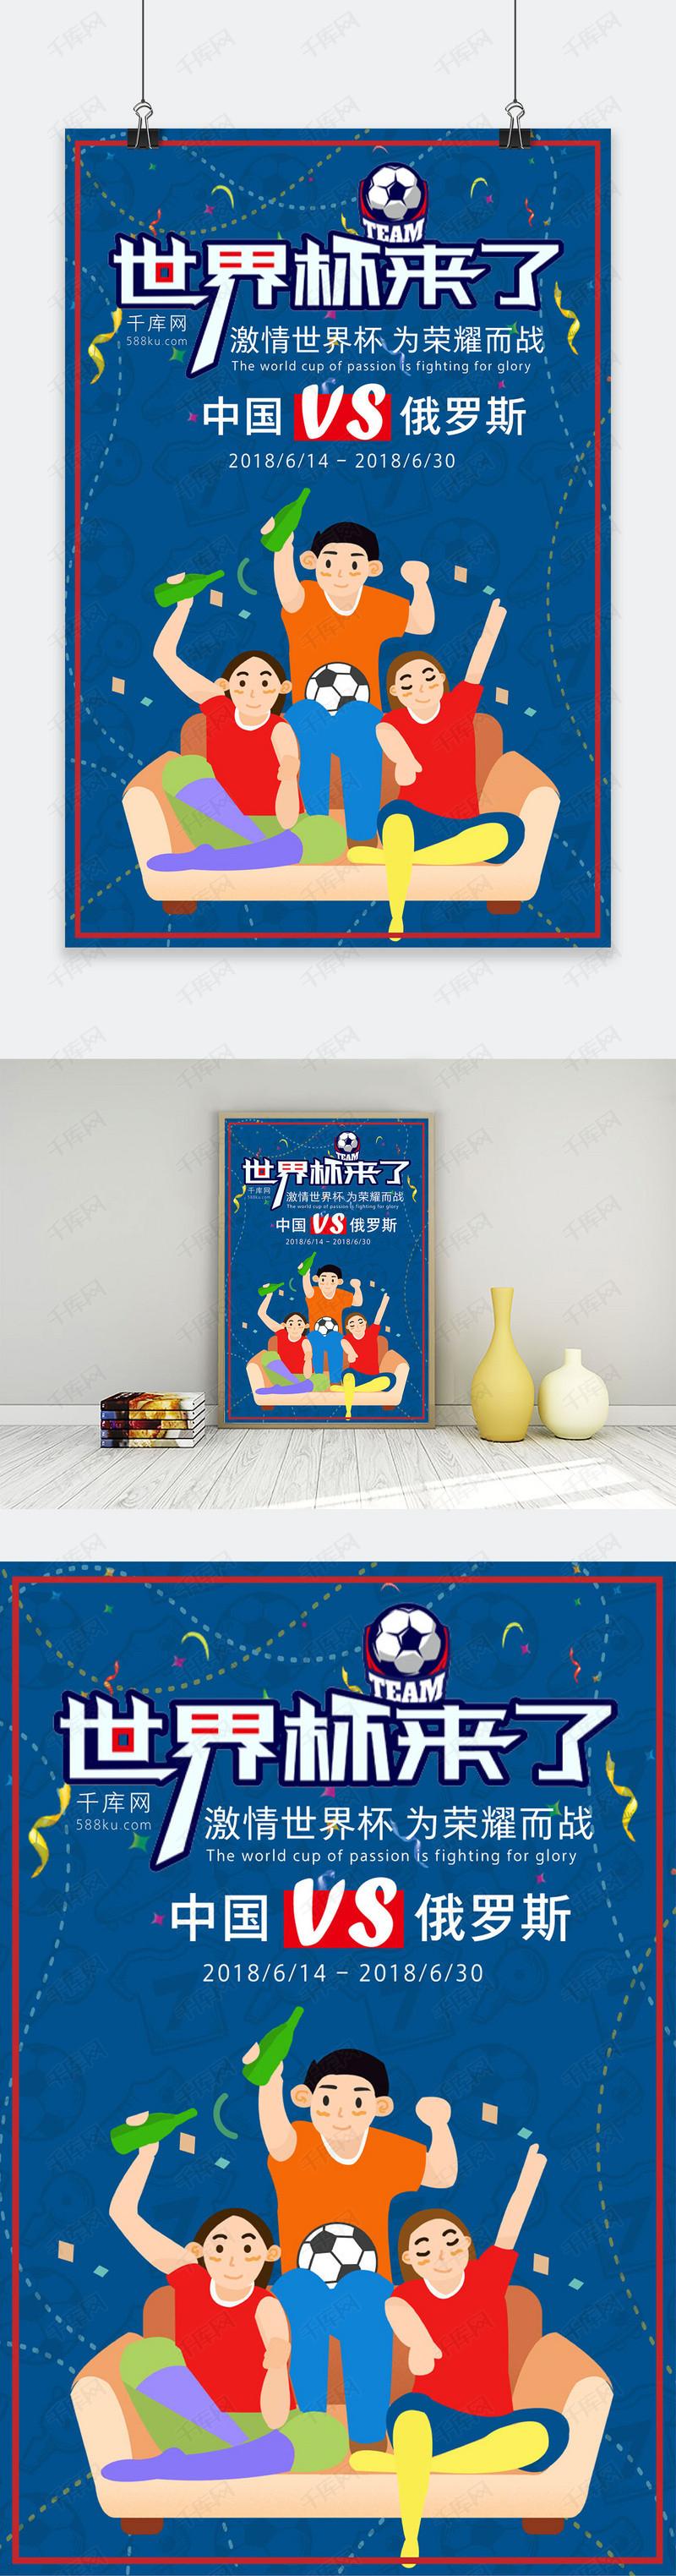 世界杯来了中国对决俄罗斯荣耀之战海报